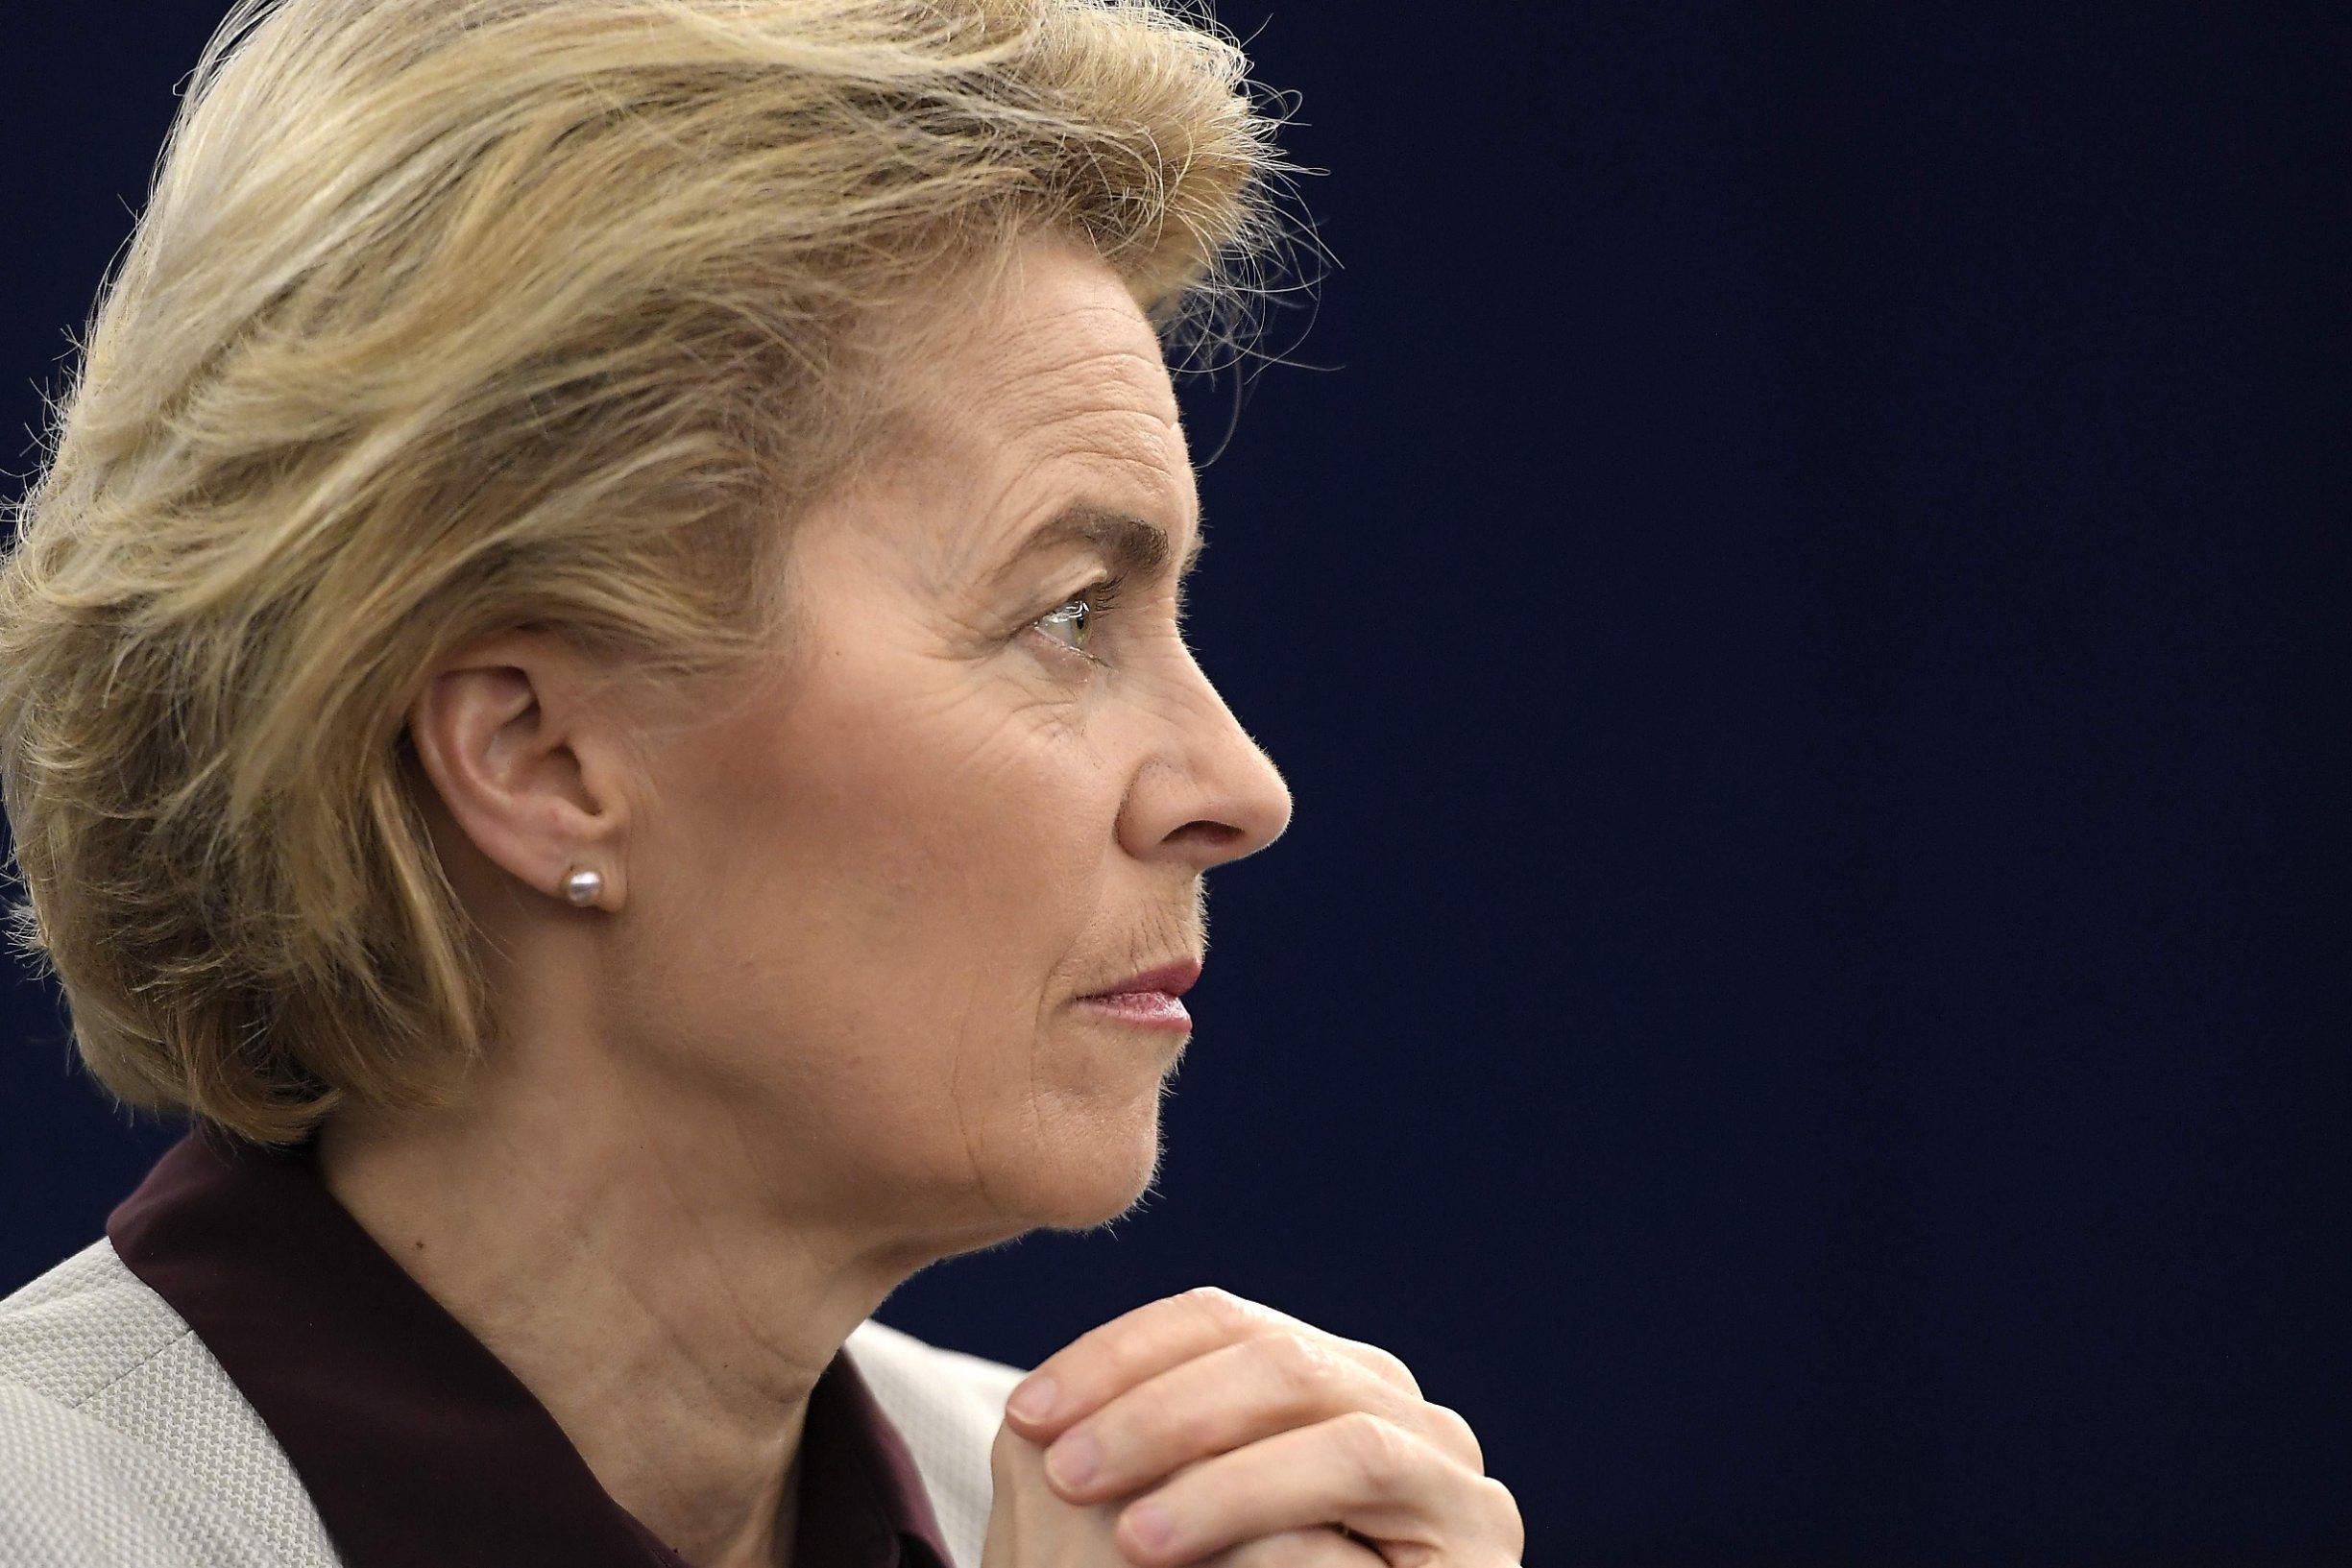 Predsjednica Europske komisije Ursula von der Leyen priznala je da se narušio Zakon o javnoj nabavi, ali je odbila preuzeti vlastitu odgovornost za malverzacije oko konzultantskih usluga ministarstva obrane